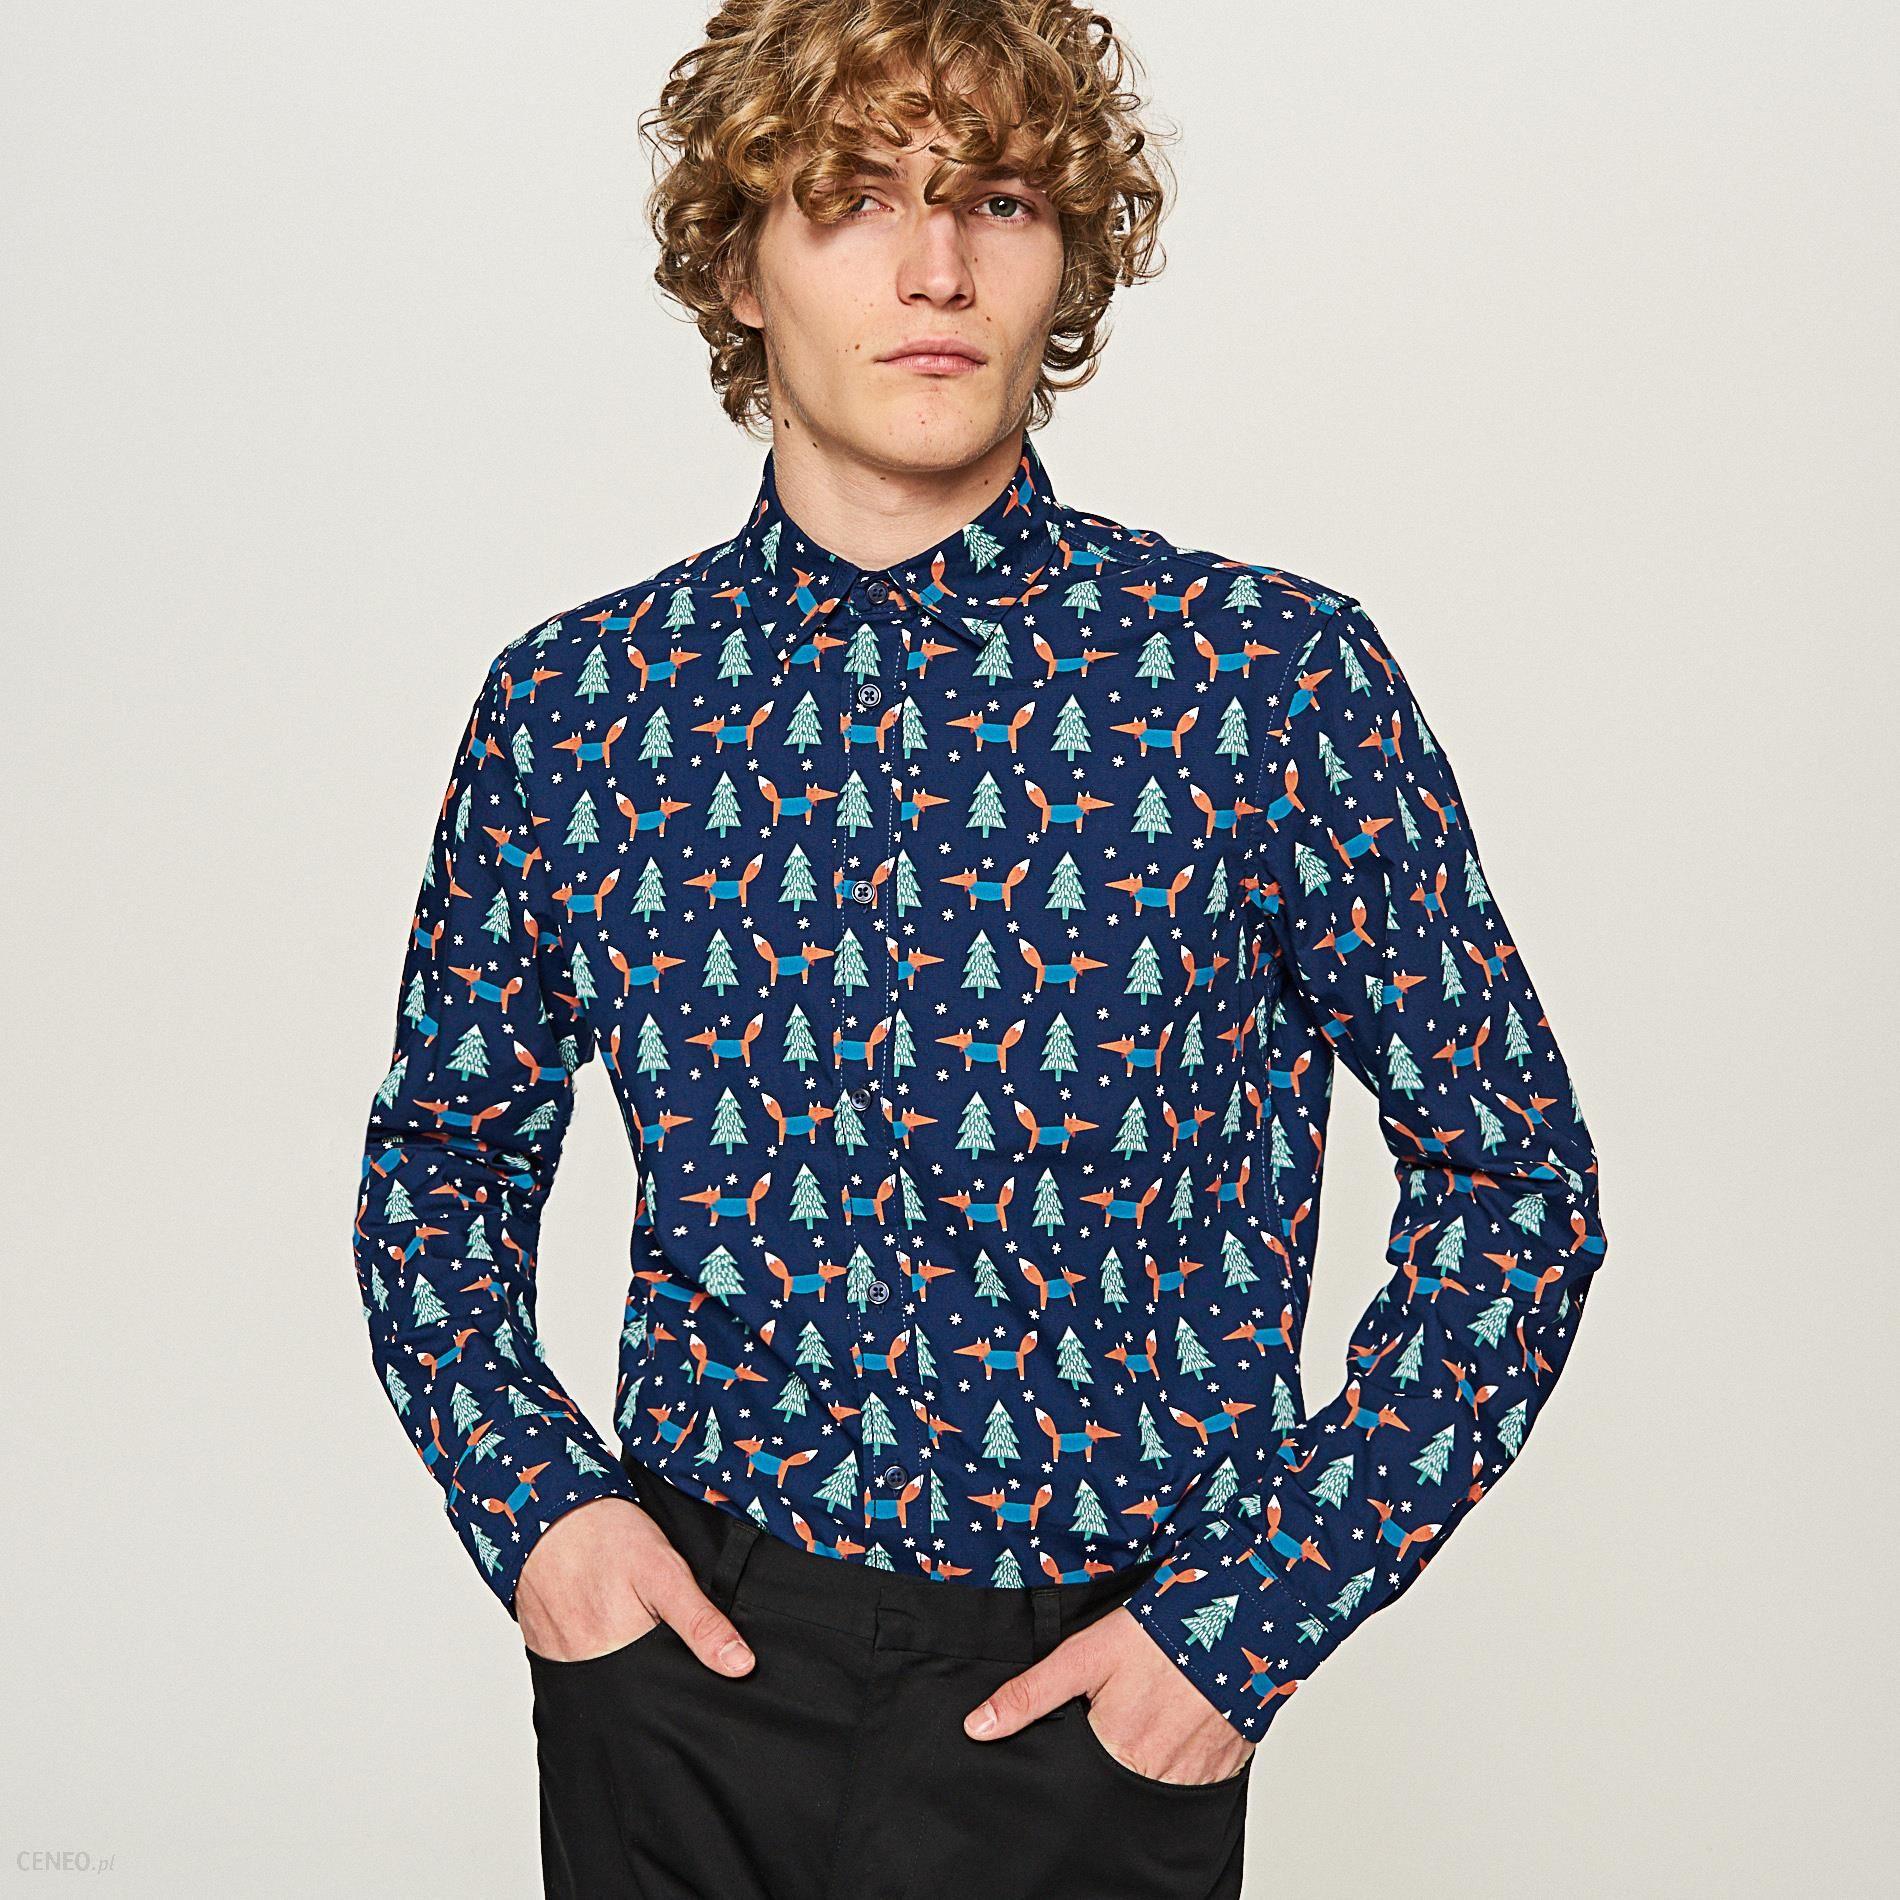 bcacdbc0fca3 Reserved - Koszula z nadrukiem świątecznym - Niebieski - Ceny i ...